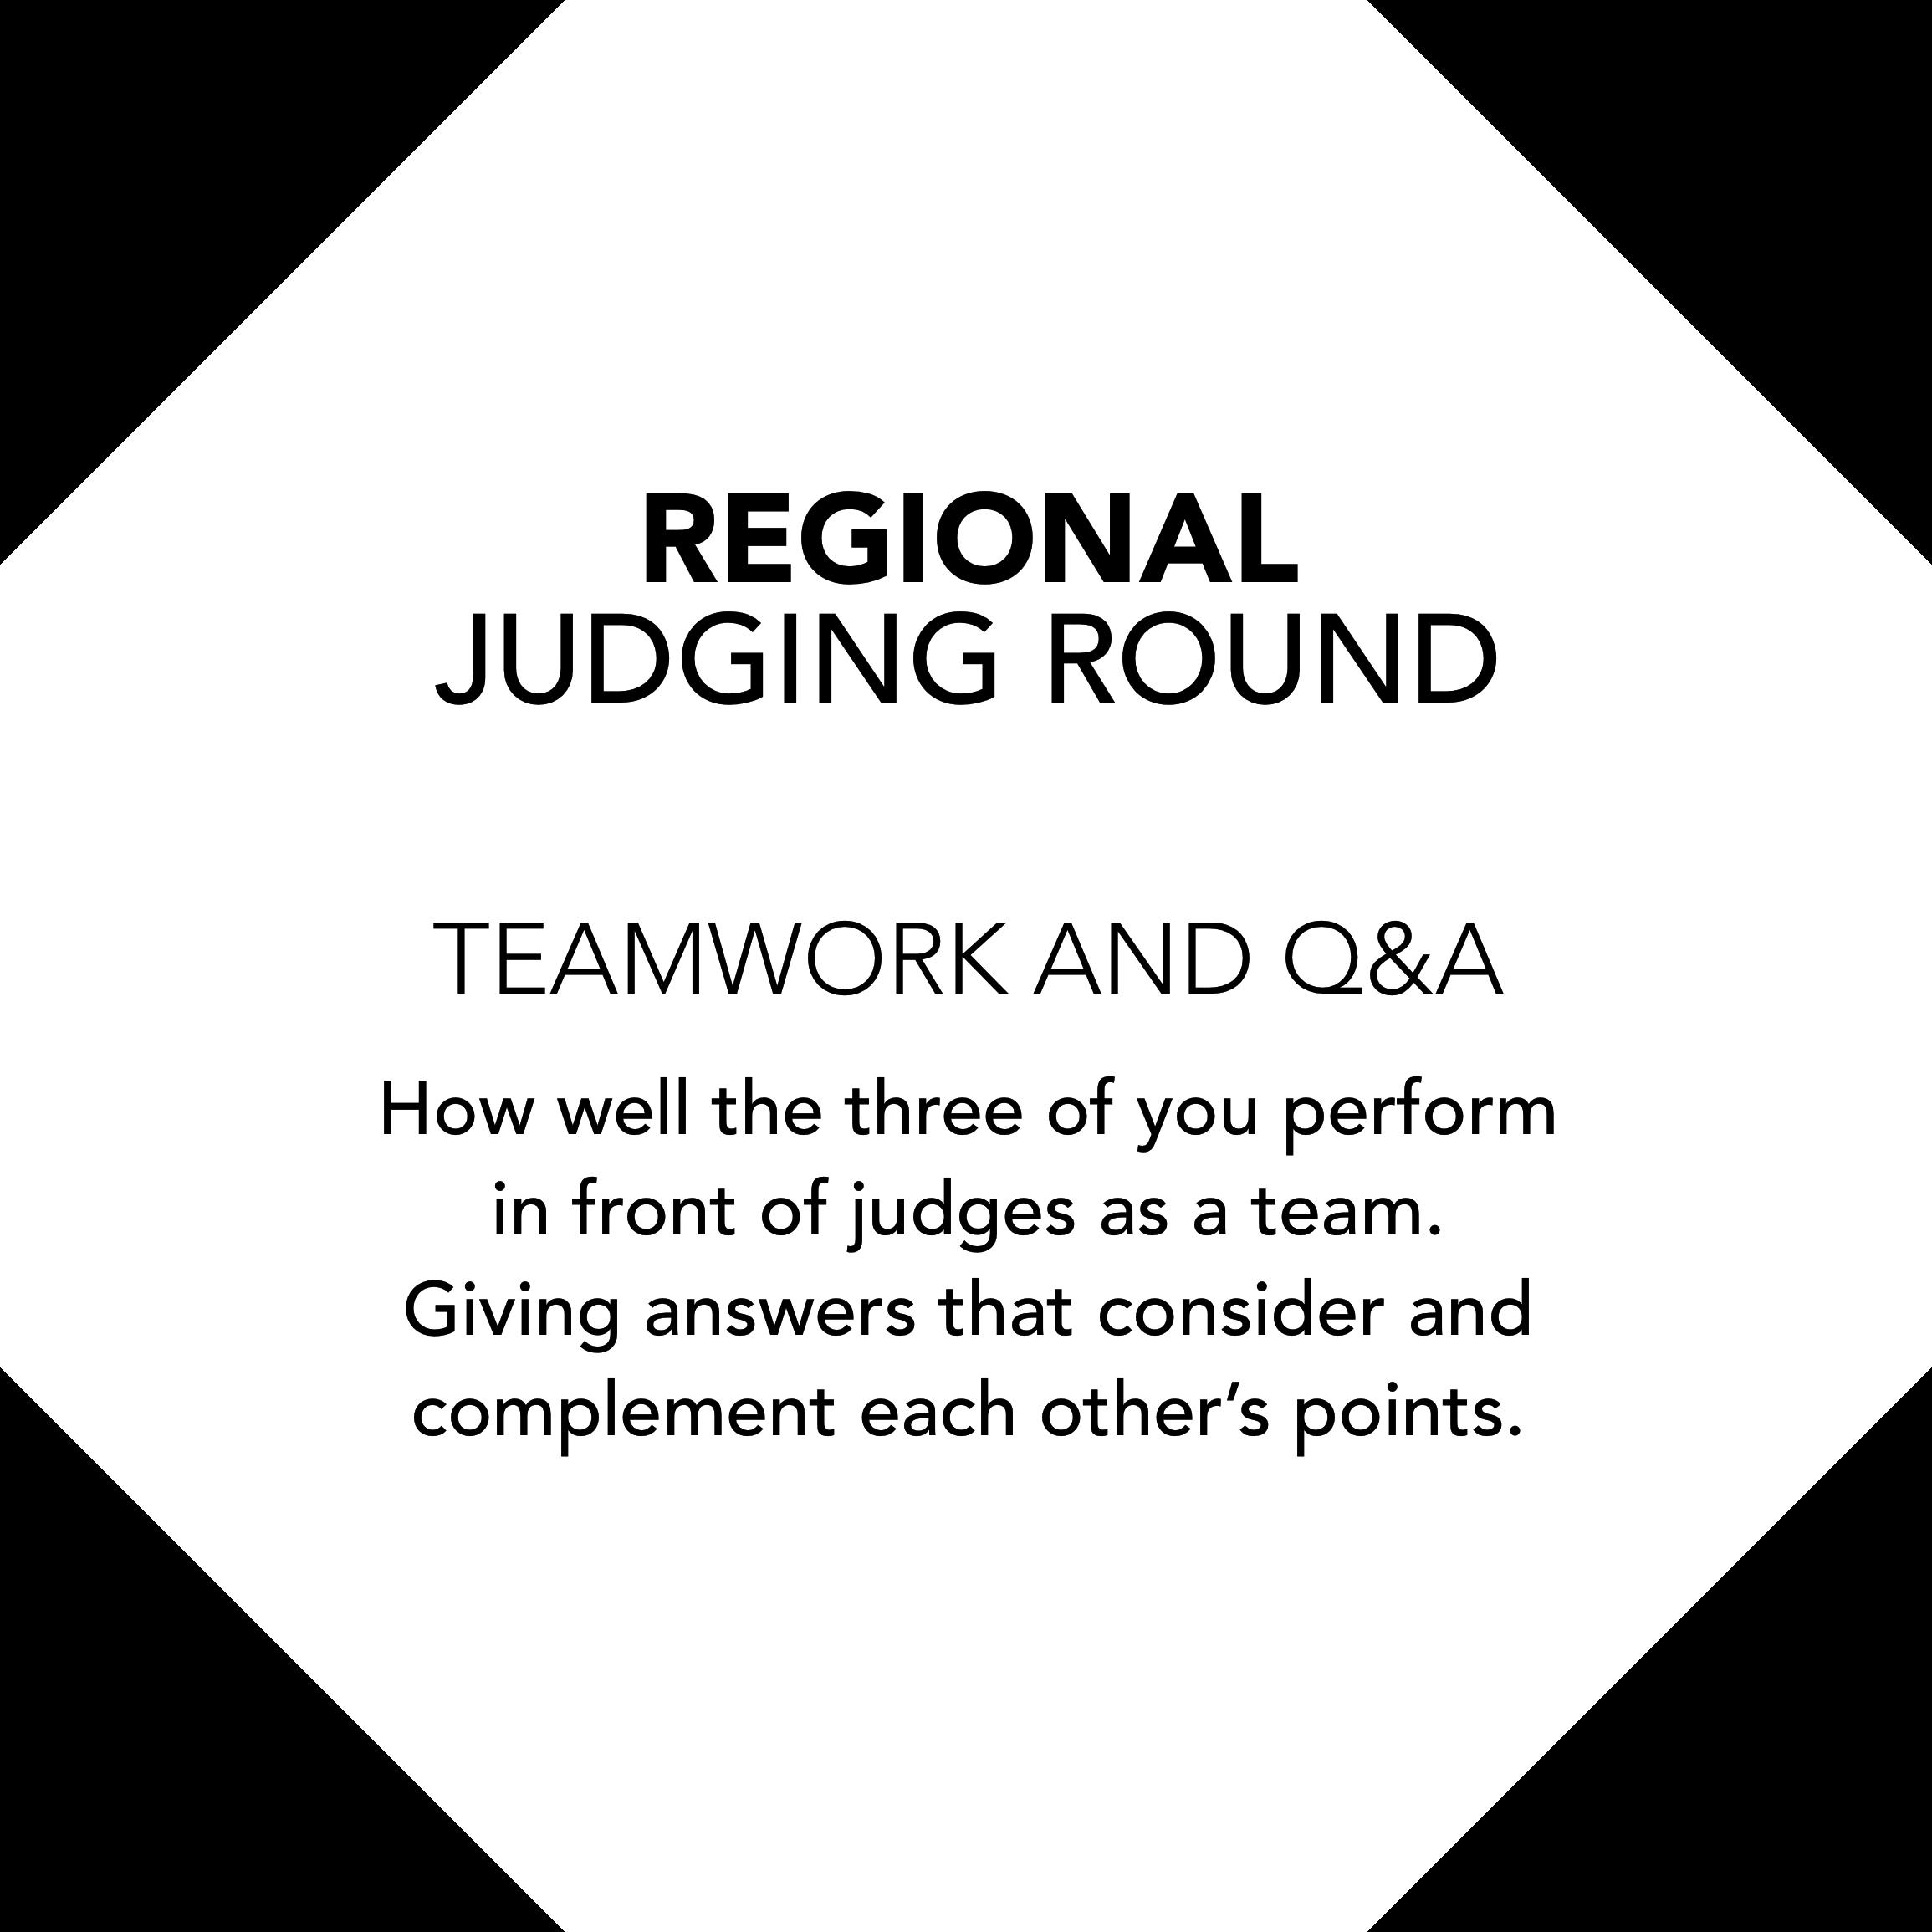 regional judging information